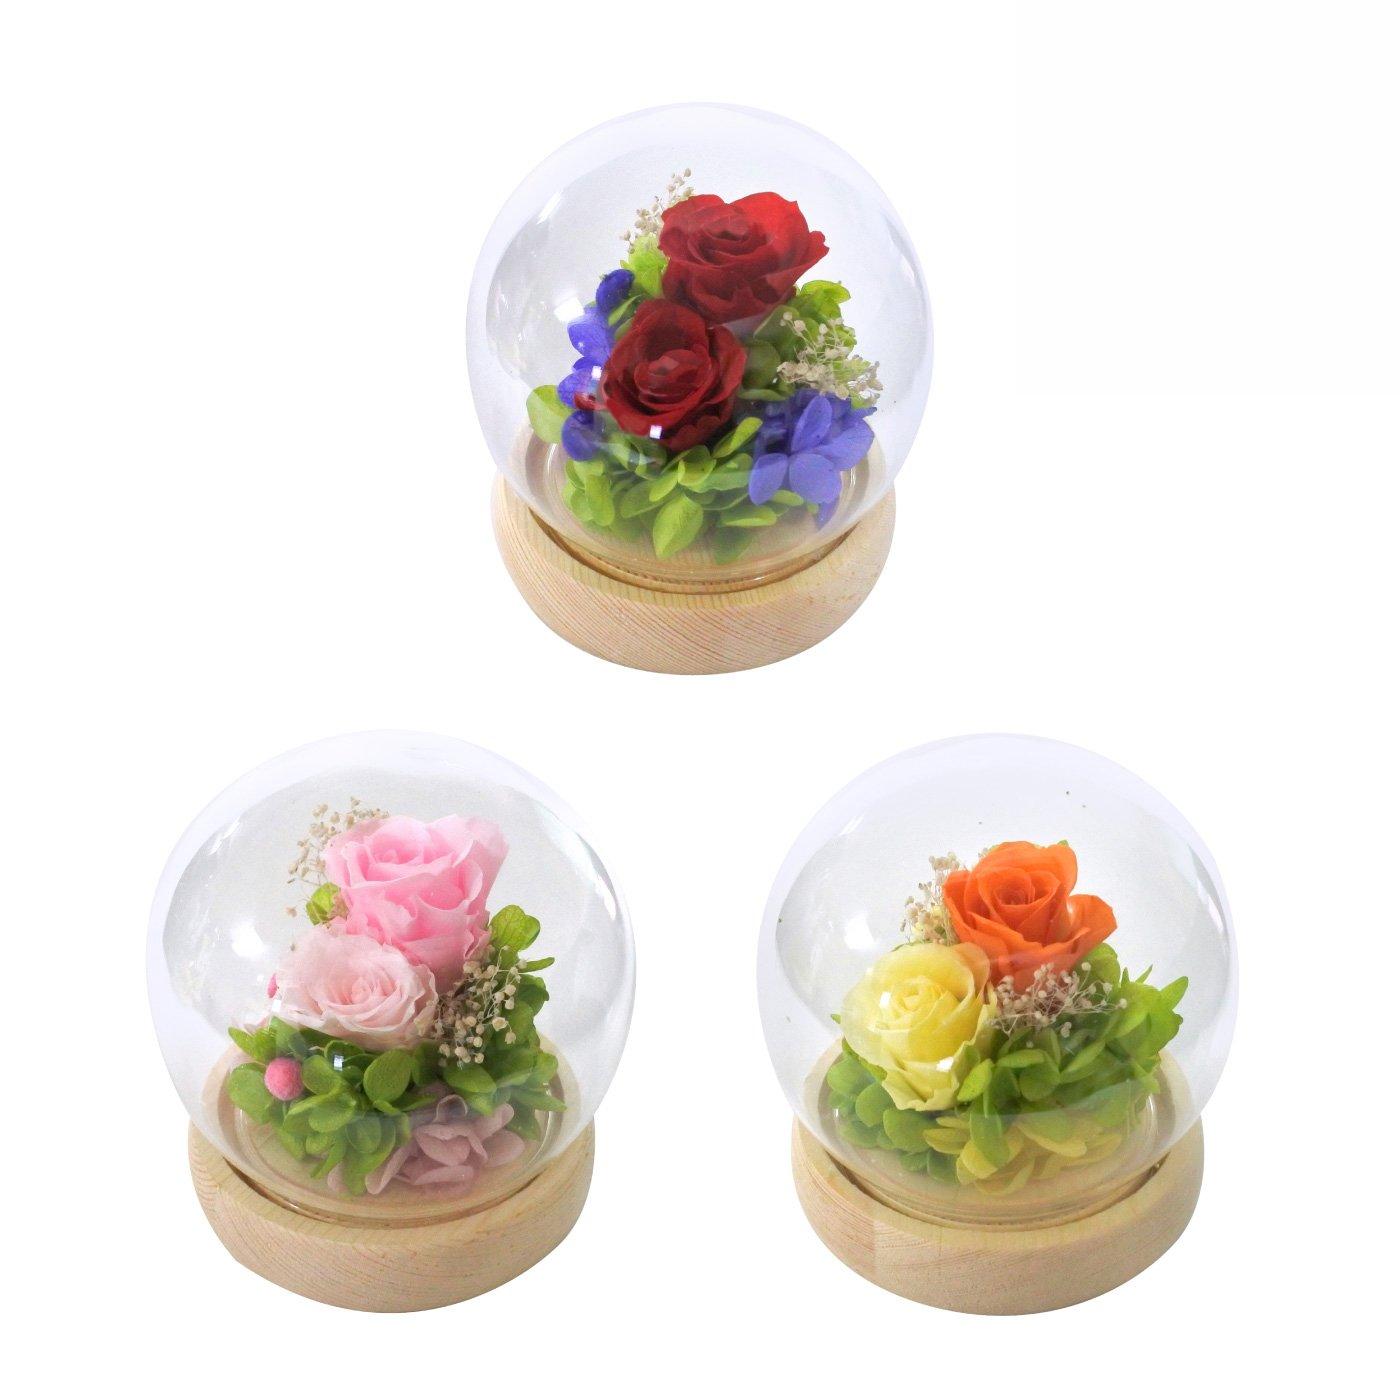 かわいく飾れるプチギフト プリザーブドフラワー ガラスドームアレンジメント